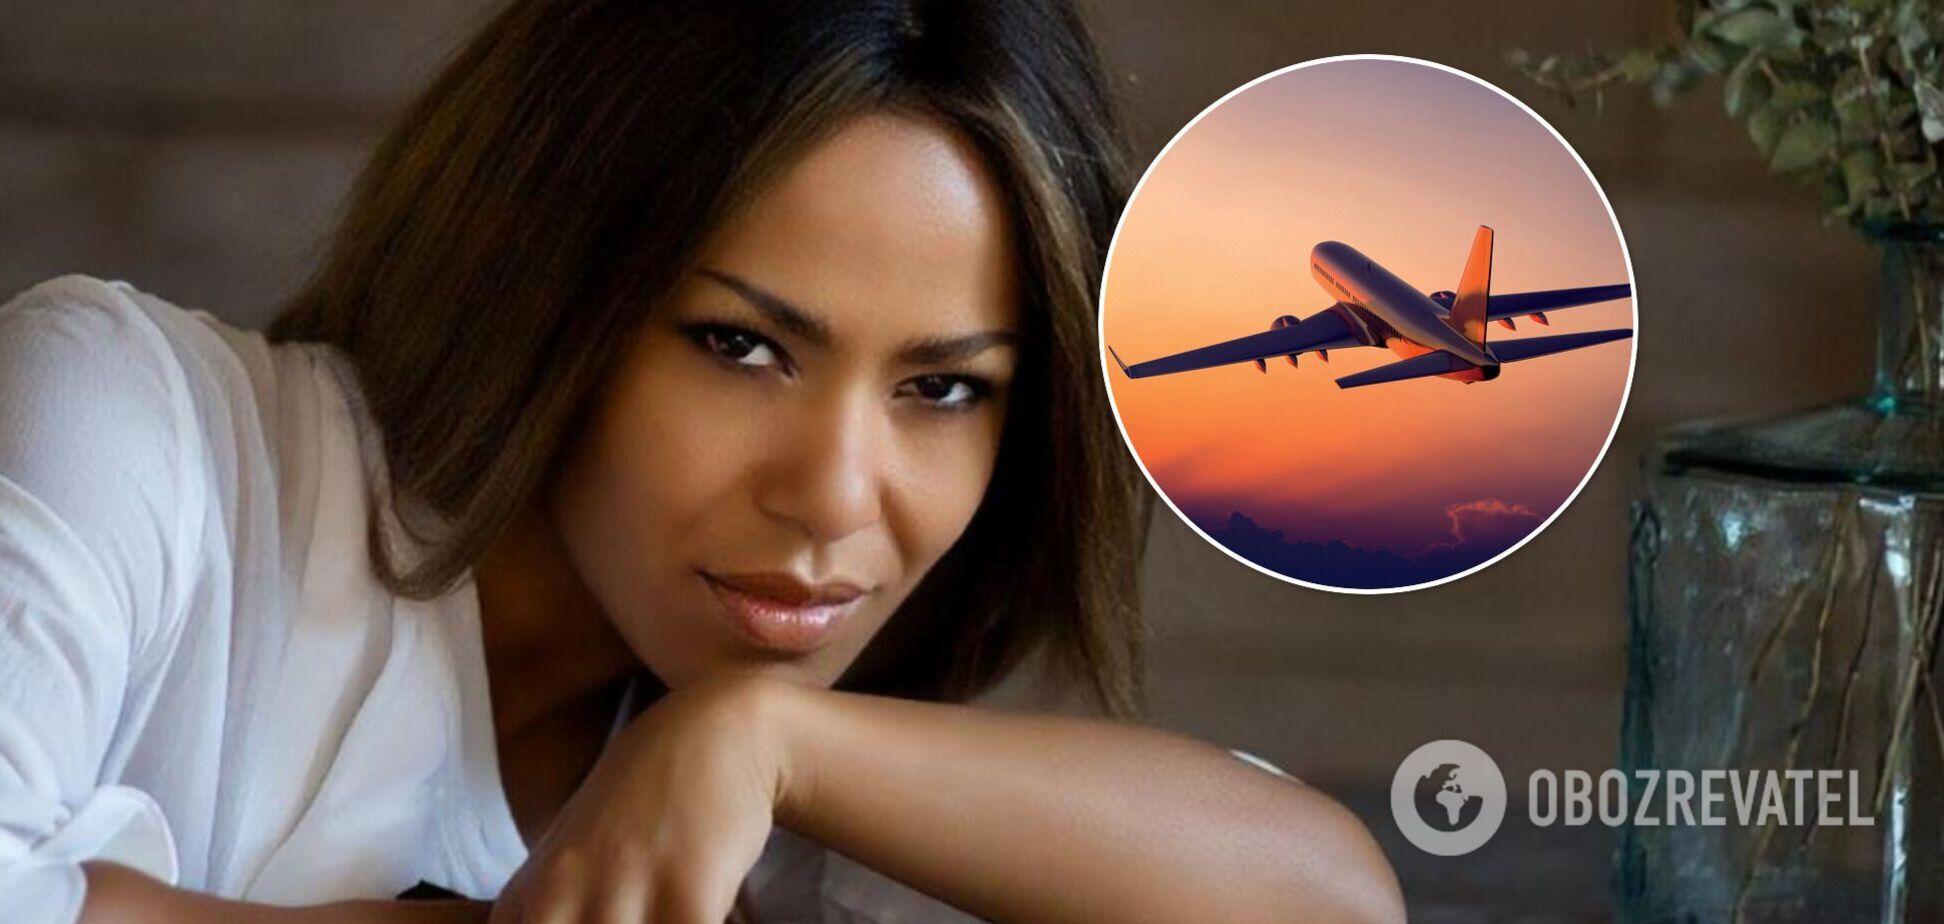 Чуть не задохнулась: Гайтана пожаловалась на плохие условия в украинском самолете